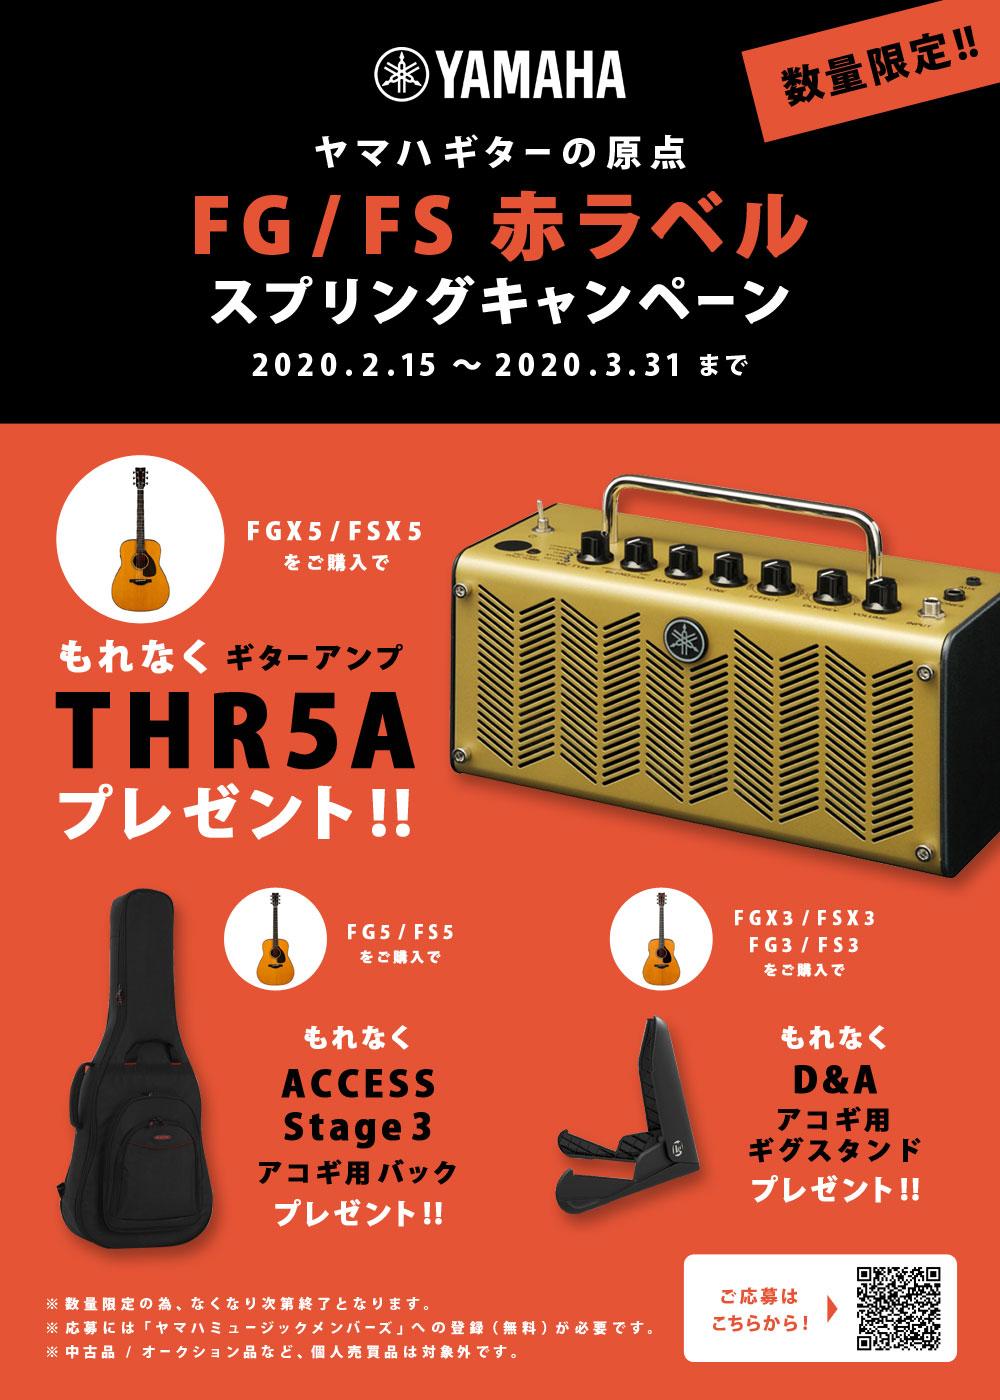 """Wヤマハギターの原点""""FG / FS 赤ラベル""""スプリングキャンペーン!【イシバシ楽器】"""